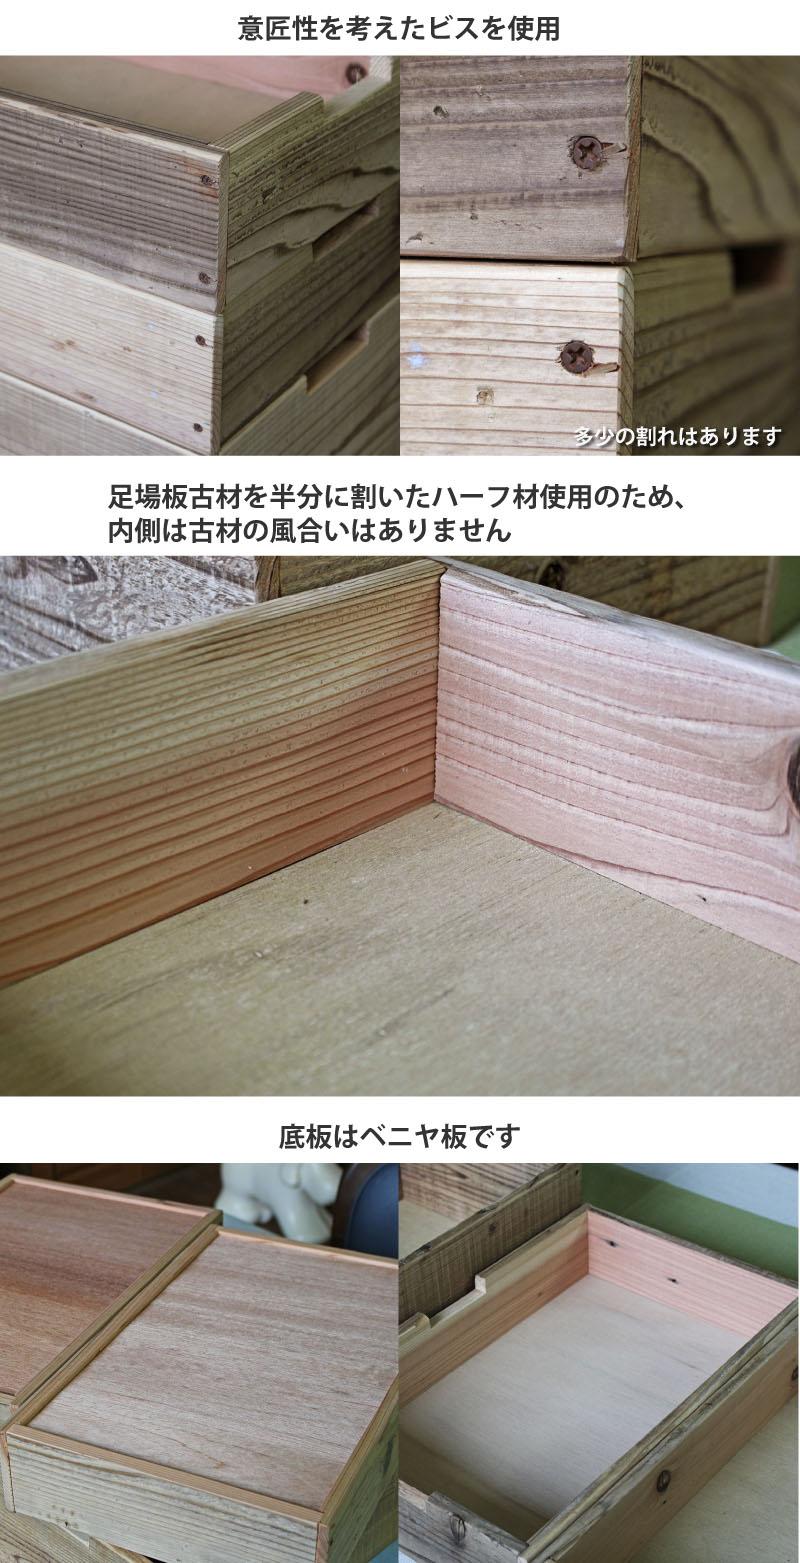 ボックス 箱 古材 足場板 無垢 ナチュラル シンプル box 収納 スタッキング おしゃれ